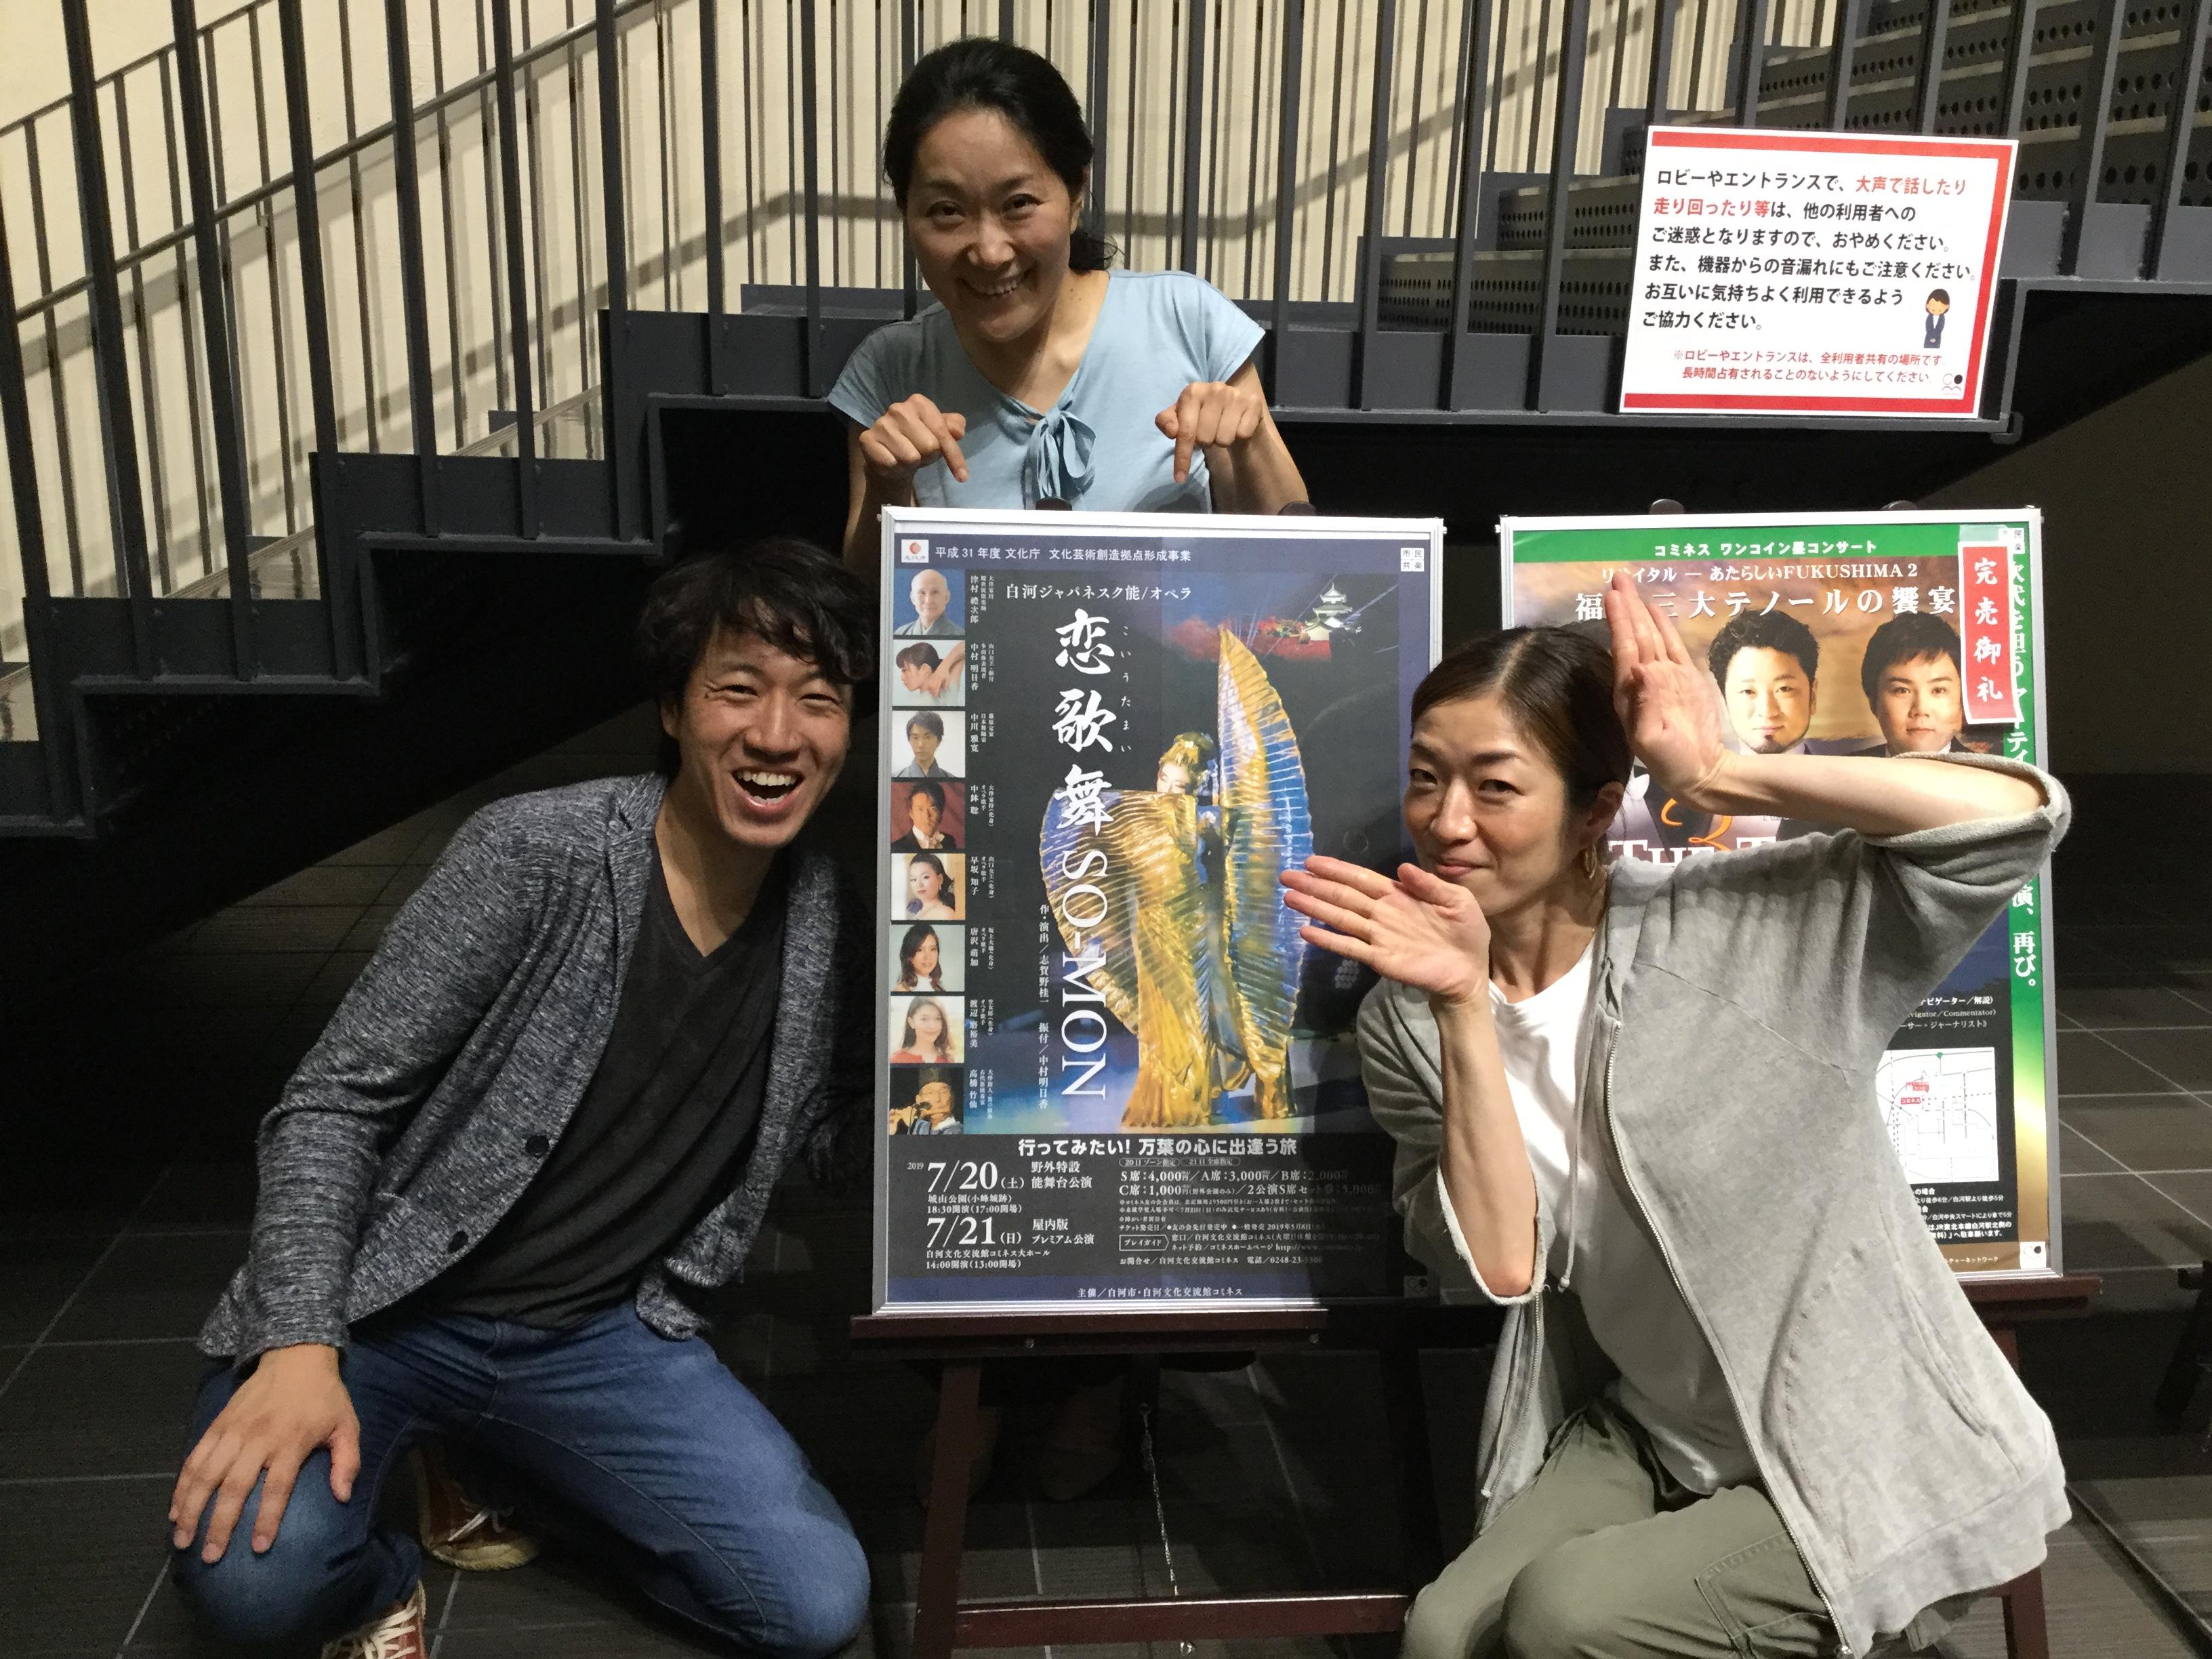 音楽監督の谷本さん、ピアニストのゆきこさんとポスター前で。明るいお二方です!